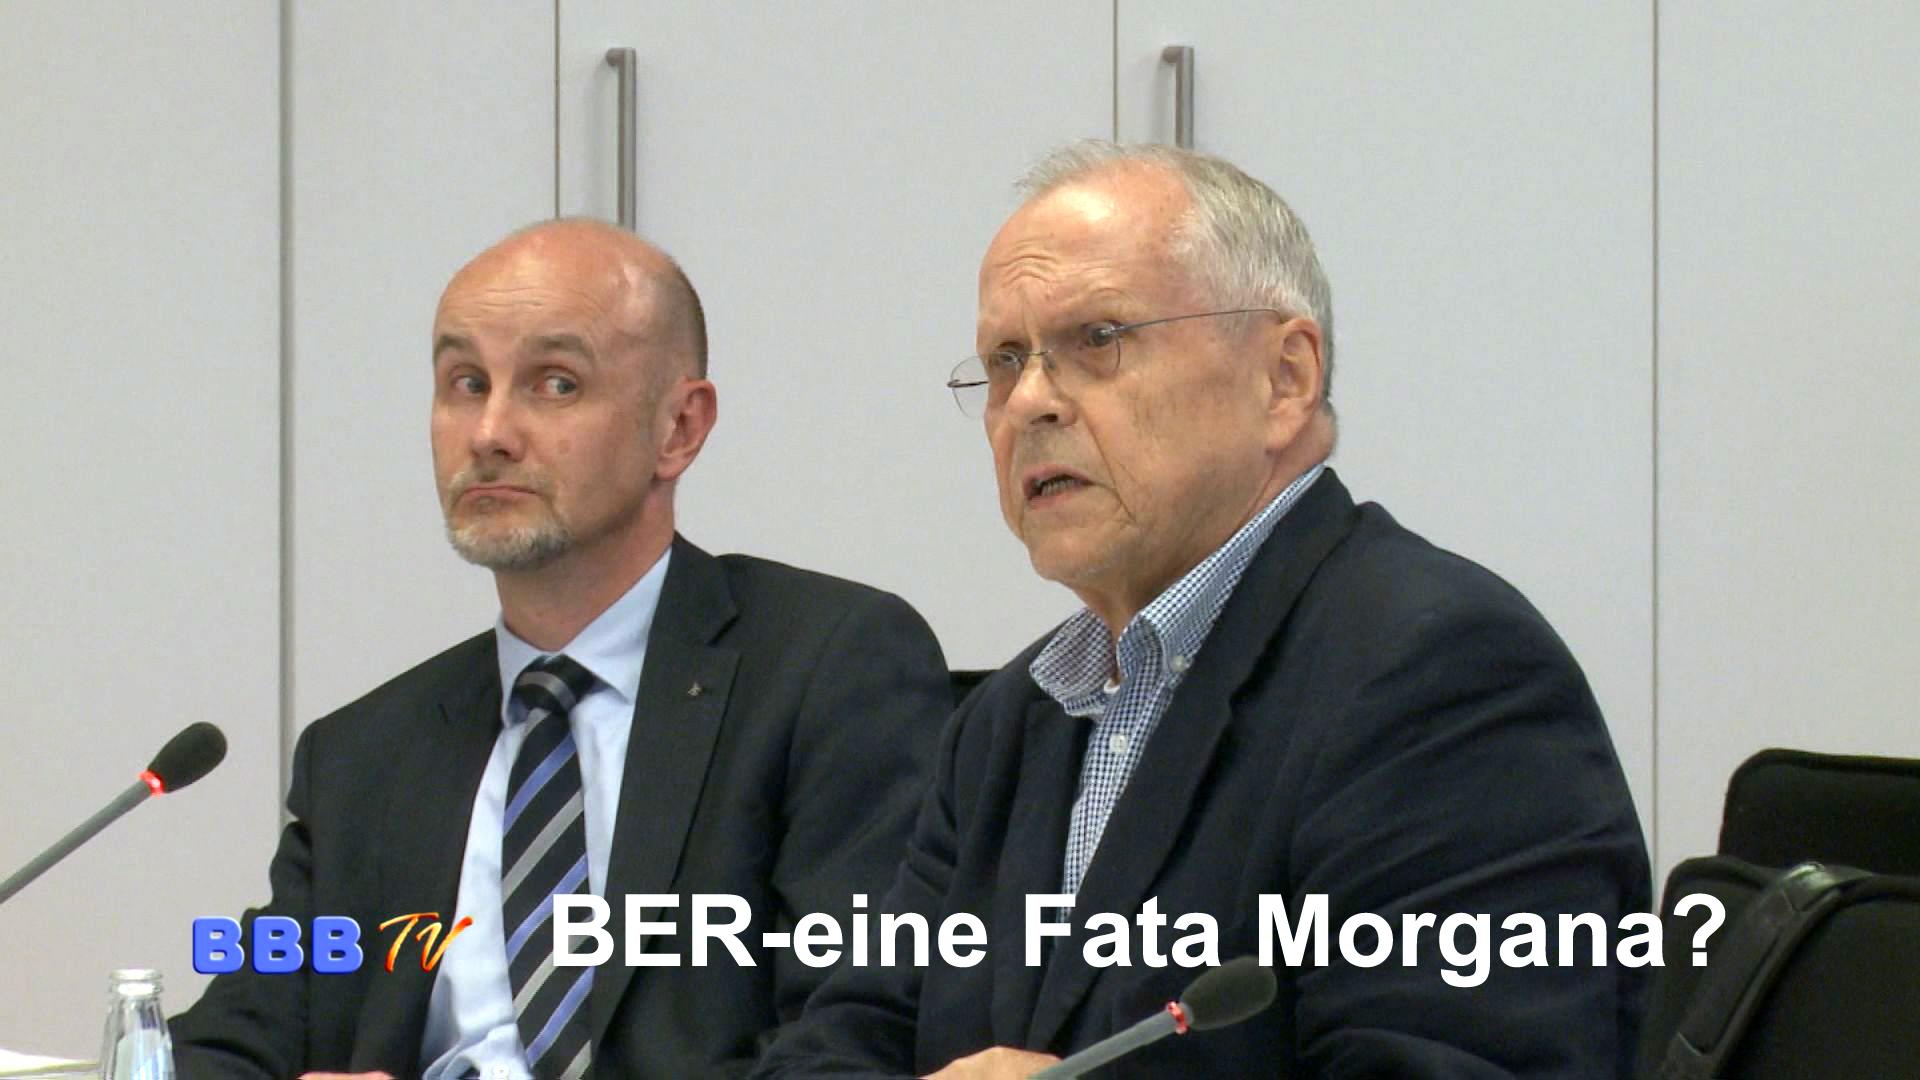 """""""Das ist ein Desaster"""": Dieter Faulenbach da Costa, international renommierter Flughafenplaner, geht mit der FBB (Flughafen Berlin Brandenburg GmbH) hart ins Gericht. Werden Regierung und Geschäftsführung endlich Schlussfolgerungen ziehen?"""